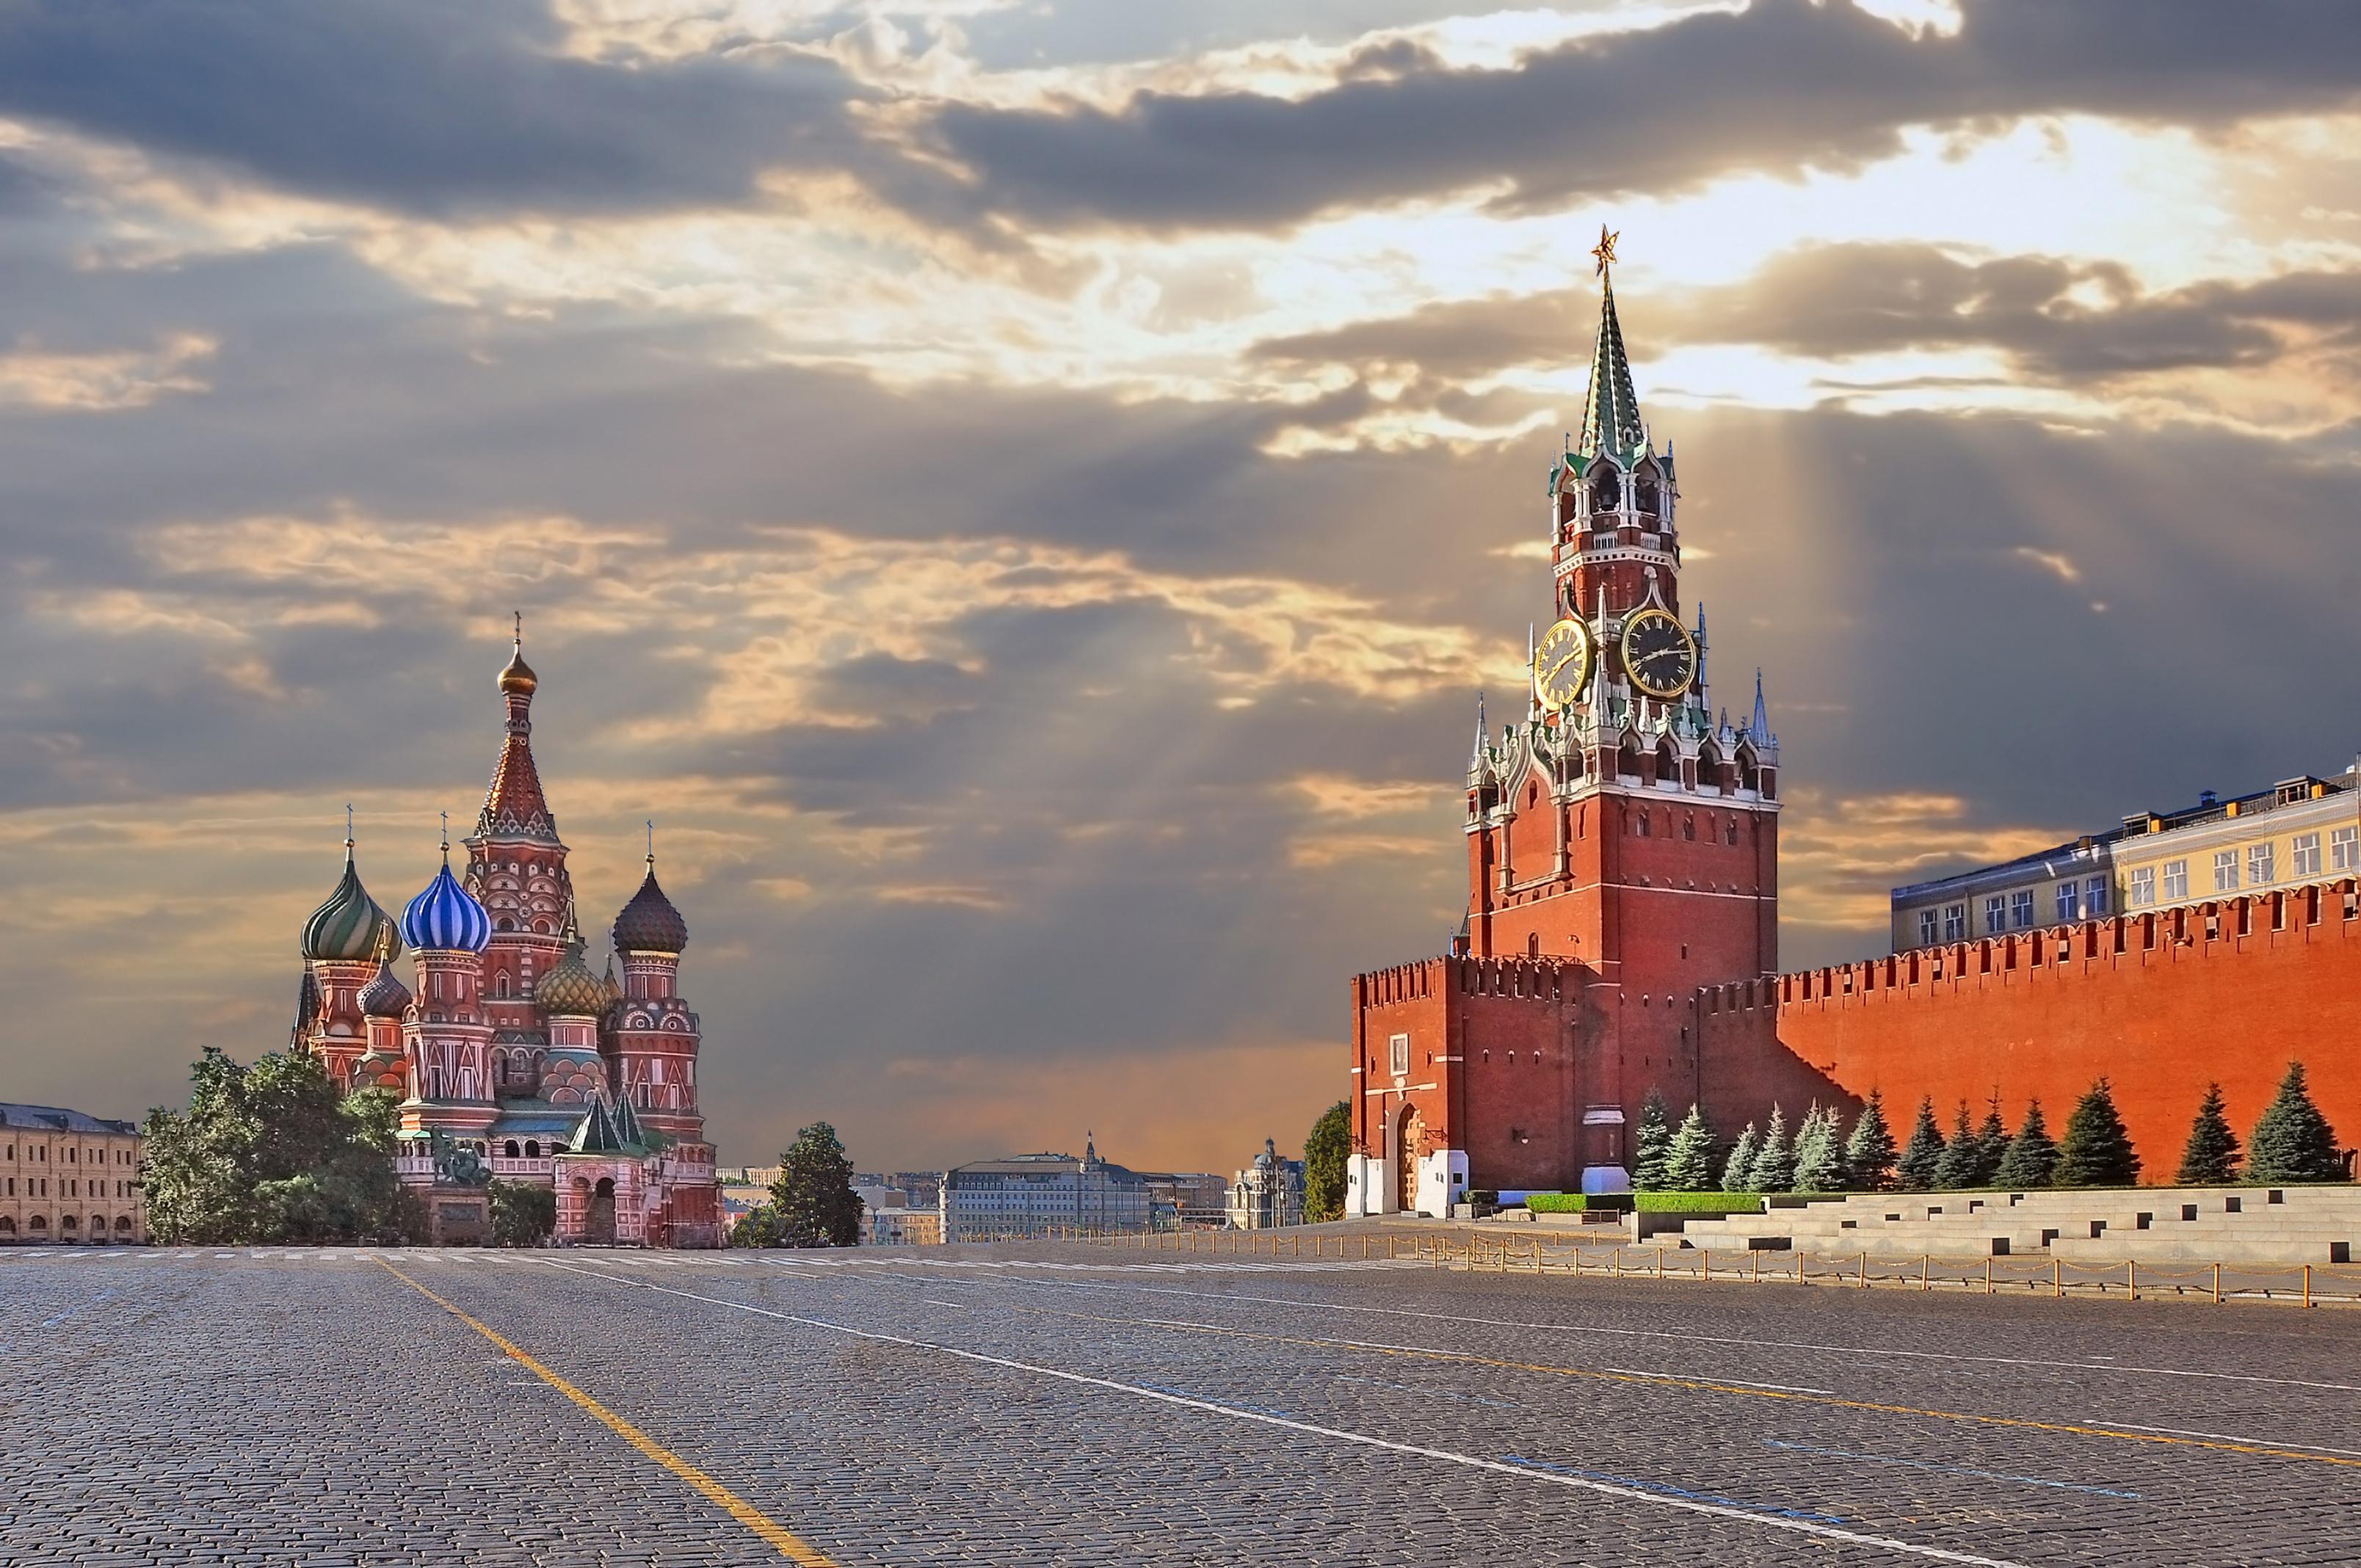 Картинки россия для рабочего стола